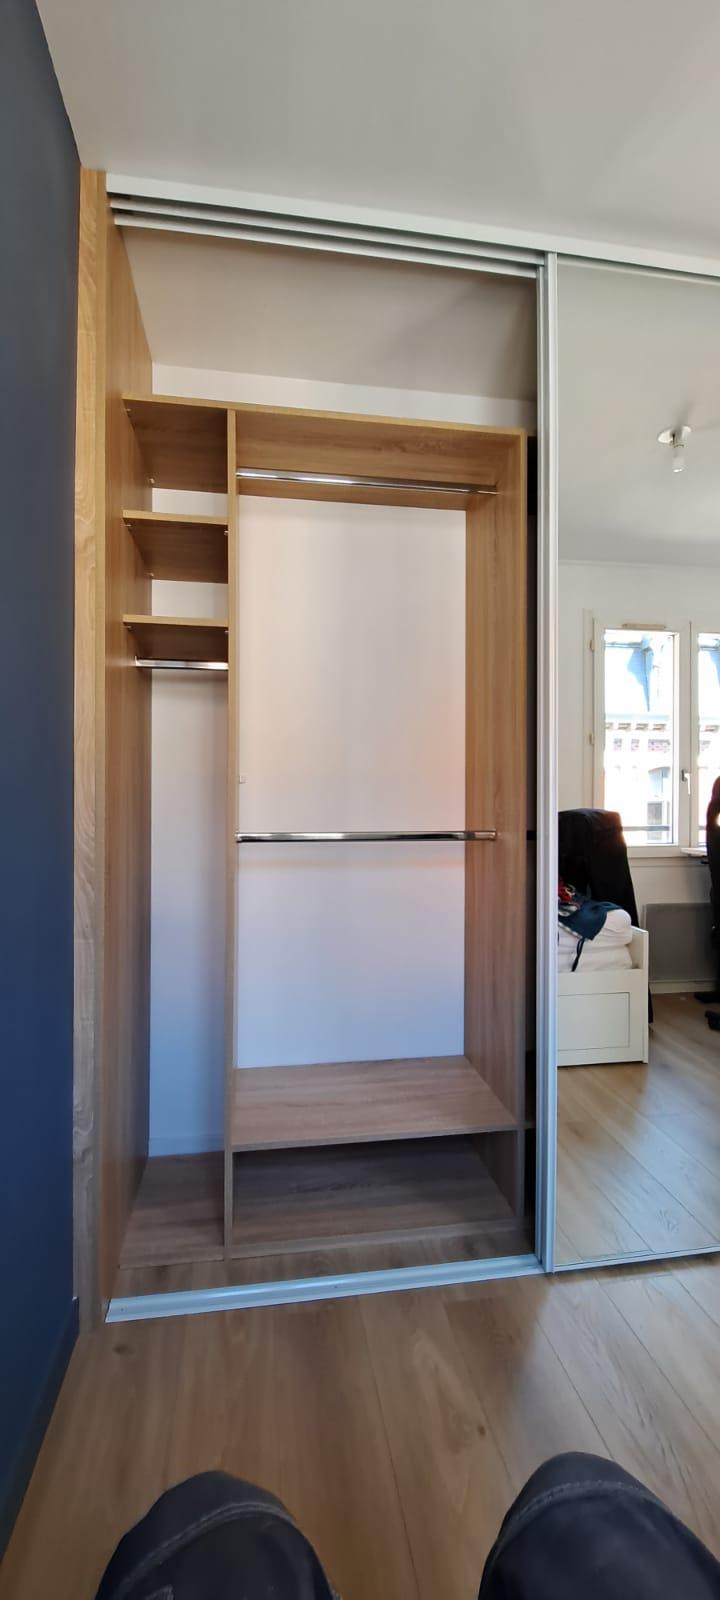 Sur cette photo, on voit également le dressing sur mesure avec les portes ouvertes et la porte miroir.